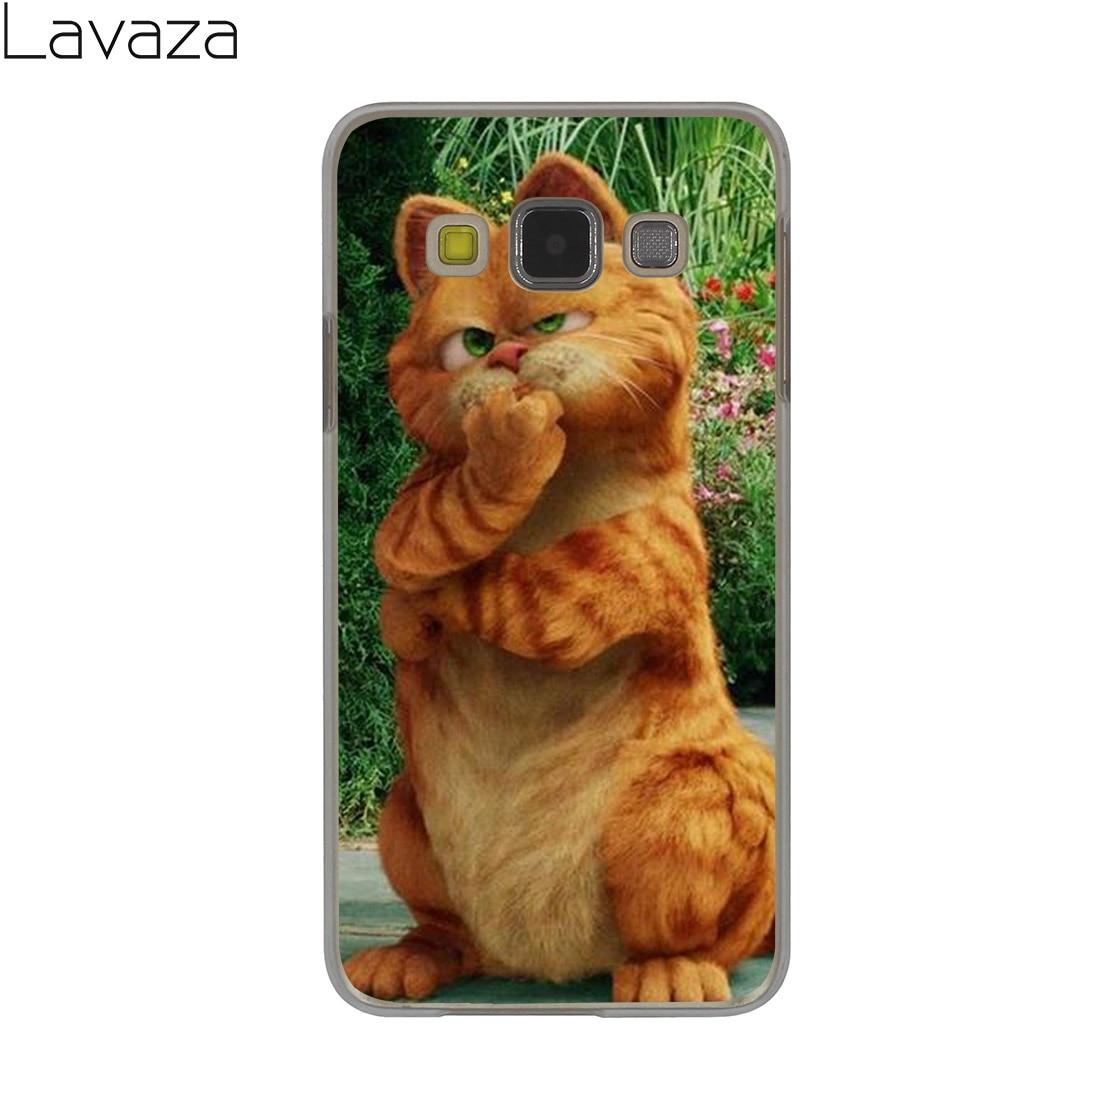 Samsung Galaxy Note üçün Lavaza şirin sevimli cizgi filmi - Cib telefonu aksesuarları və hissələri - Fotoqrafiya 4